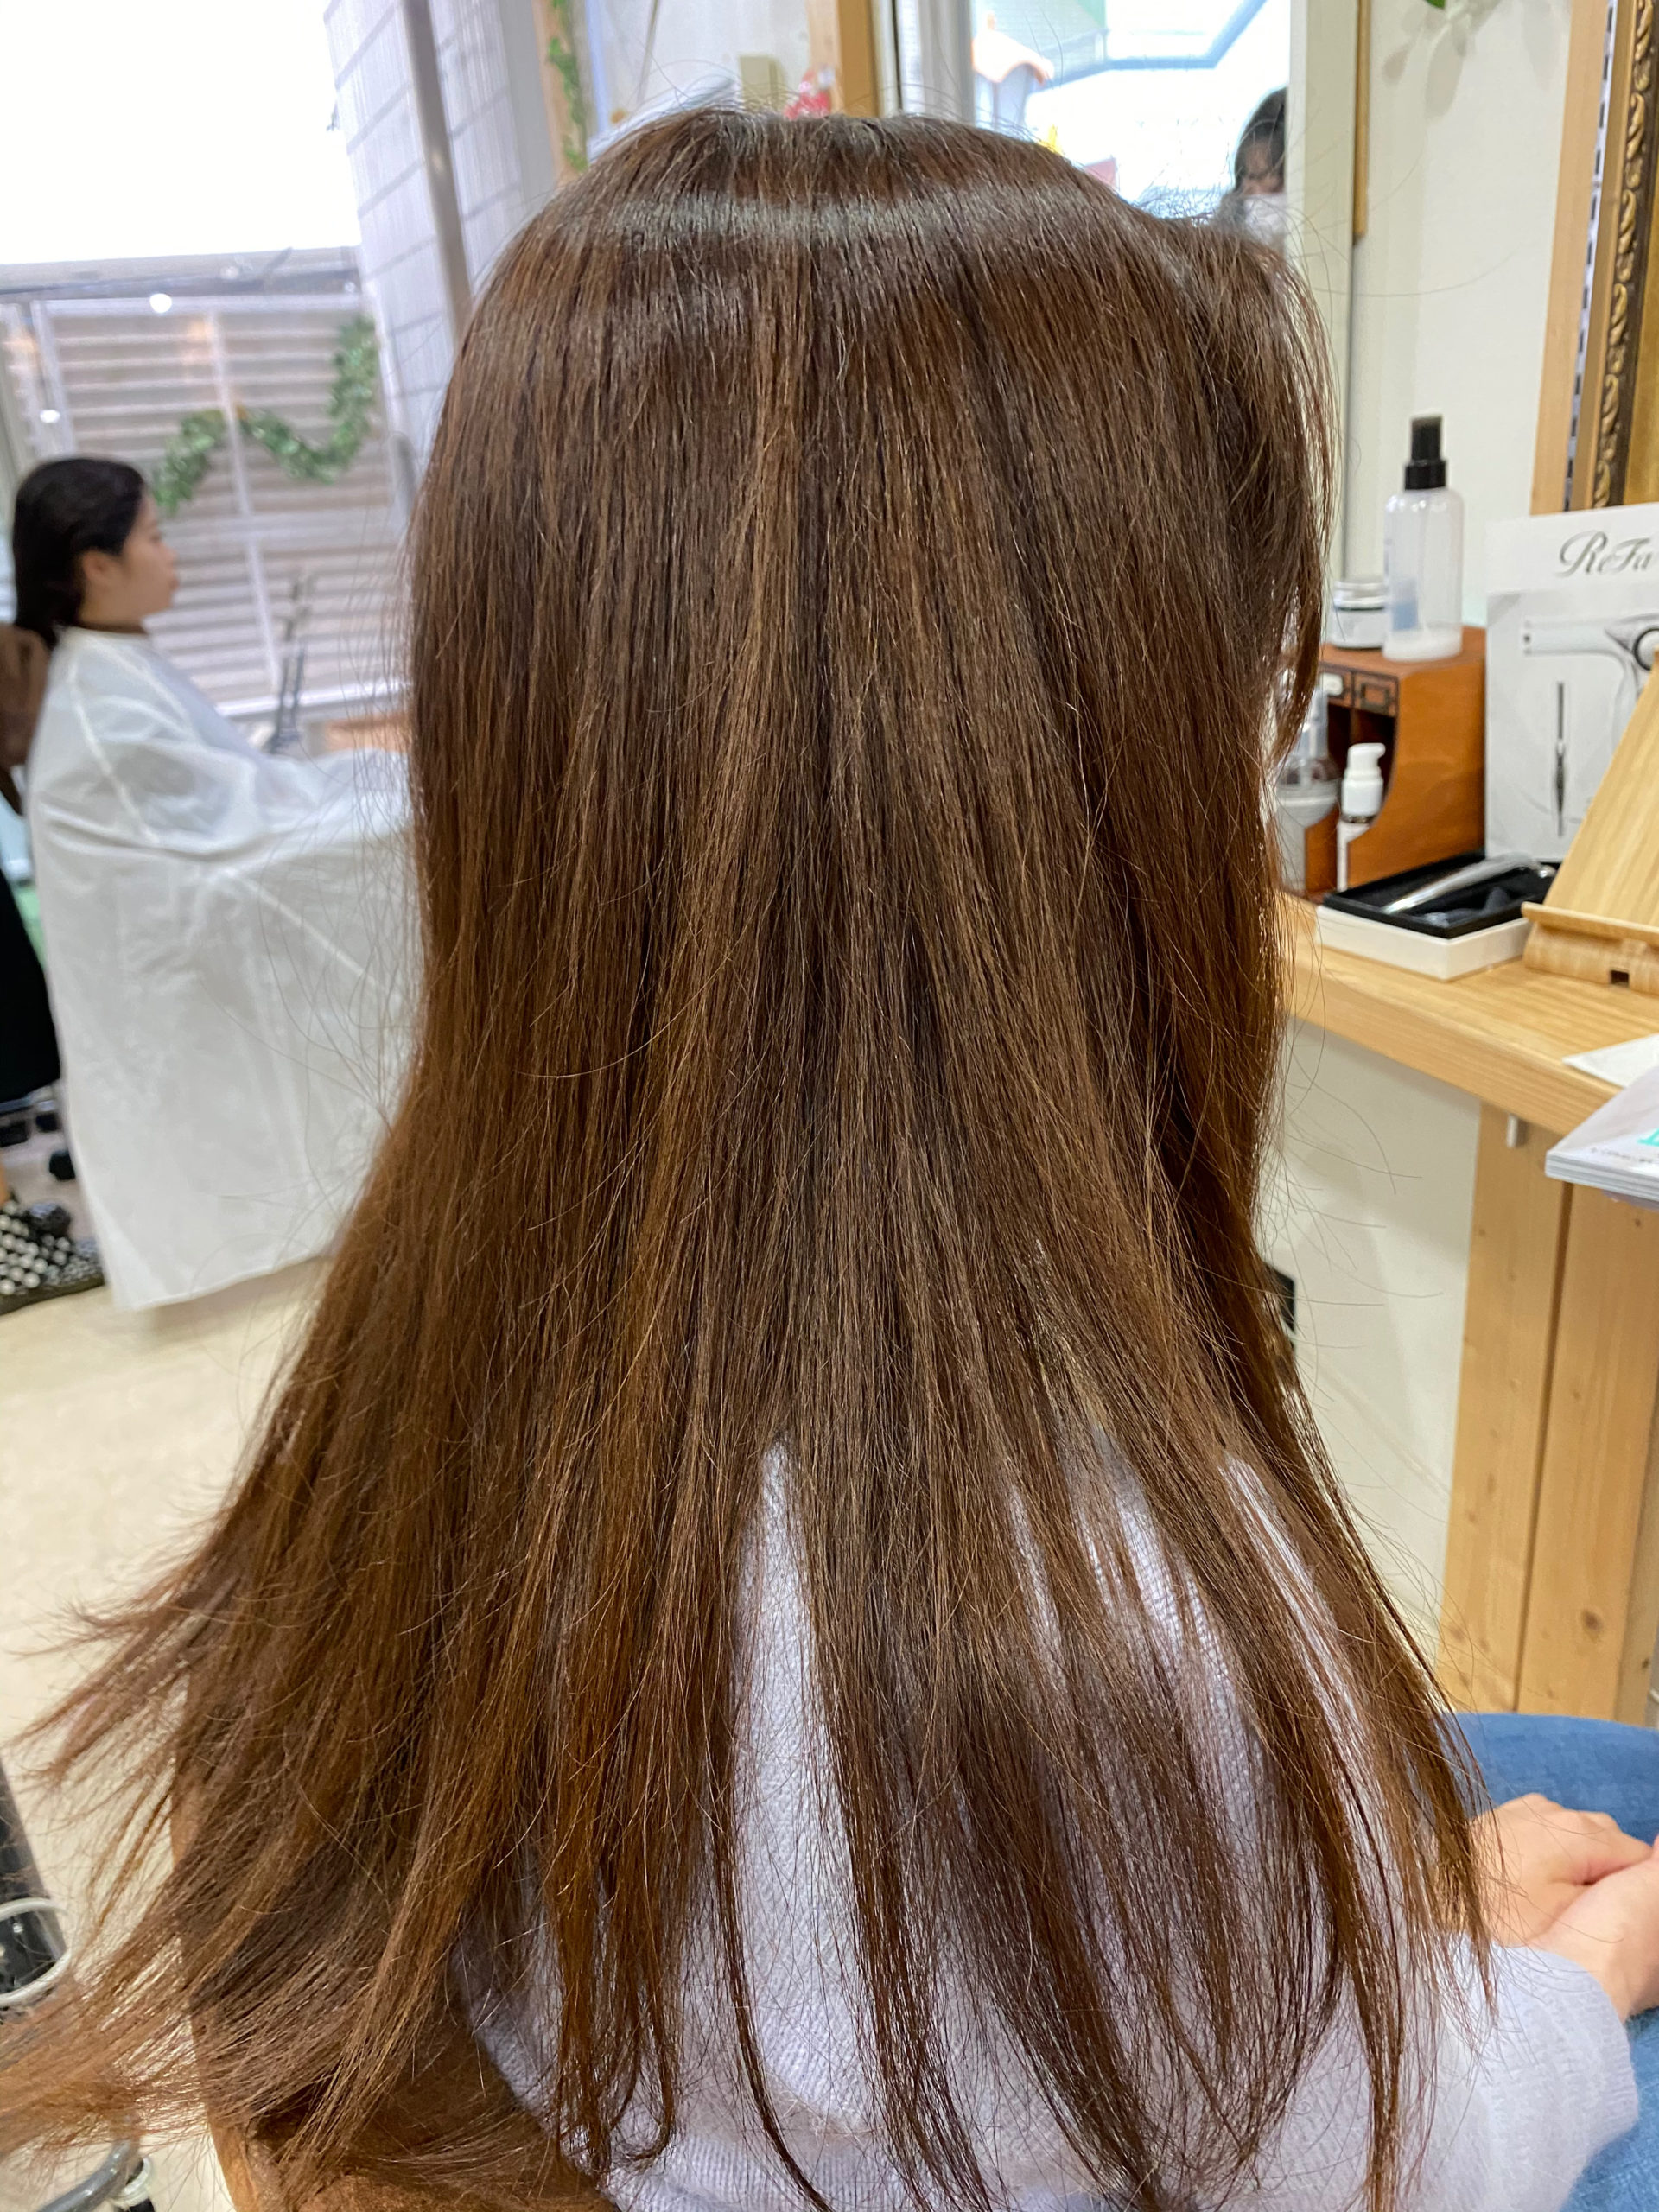 LULUトリートメント×縮毛矯正で輝く艶髪。原宿・表参道『髪のお悩みを解決するヘアケア美容師の挑戦』